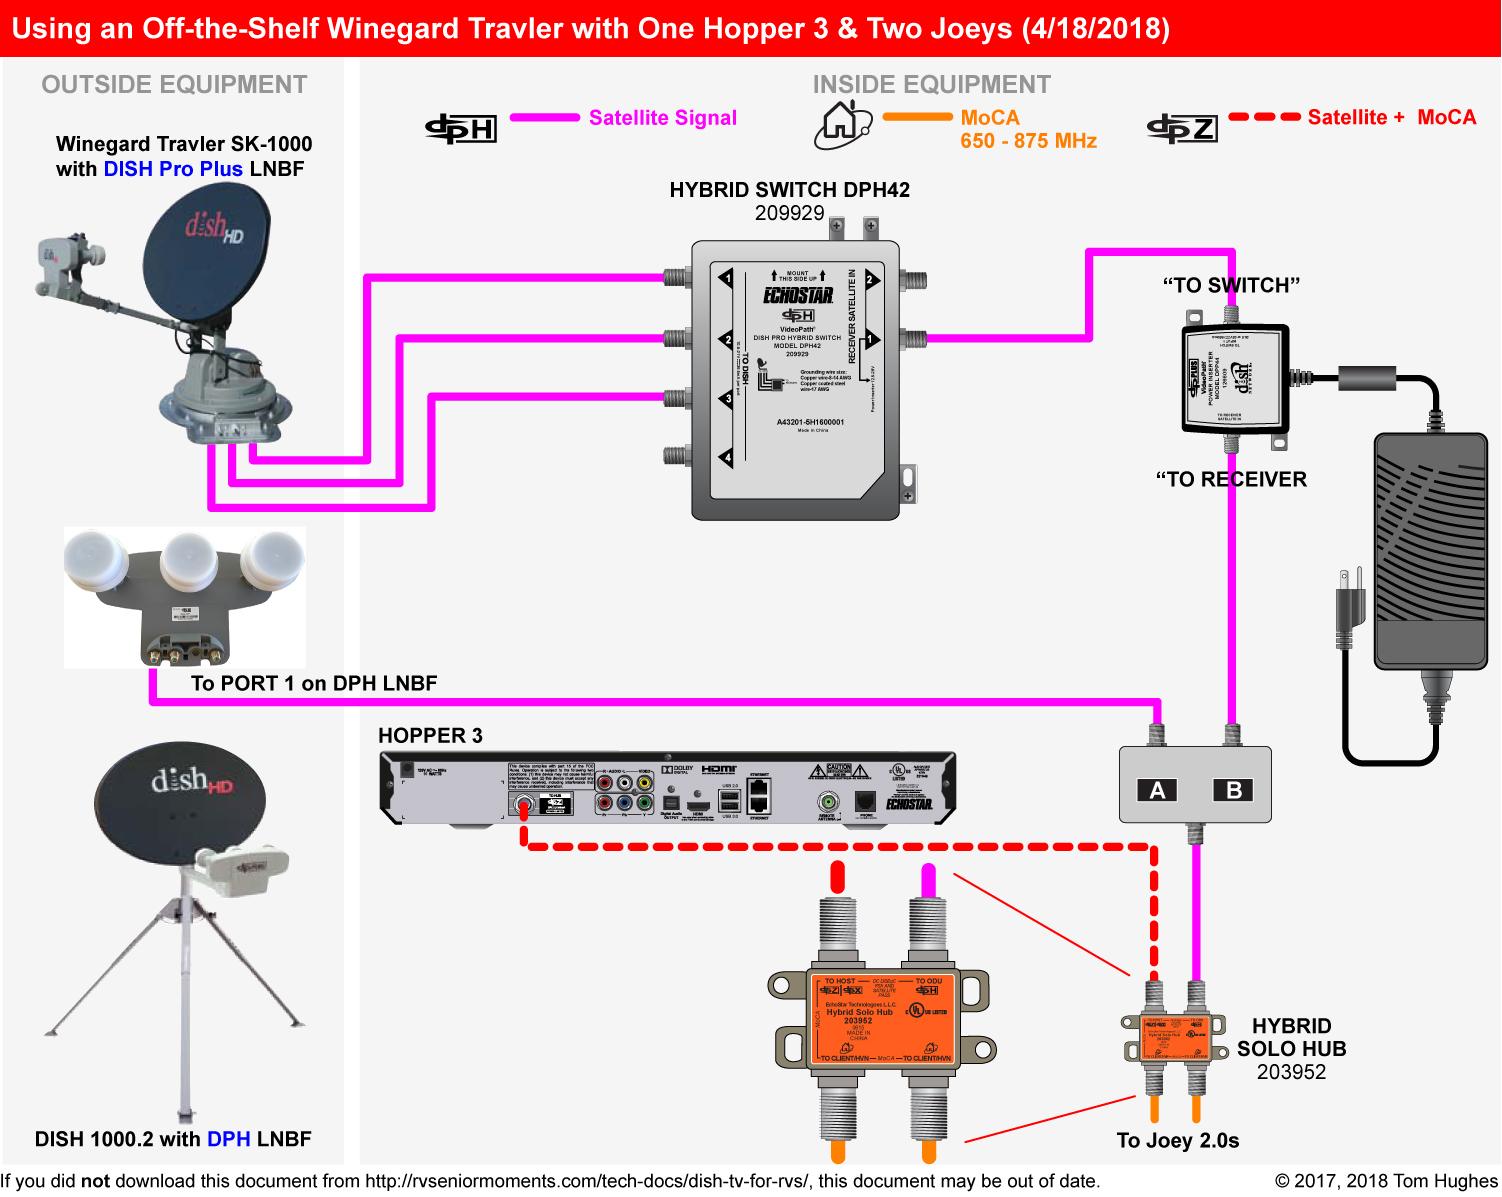 Winegard Power Inserter Schematic Usb - 2005 Town Car Wiring Diagram -  800sss.yenpancane.jeanjaures37.fr | Winegard Power Inserter Schematic Usb |  | Wiring Diagram Resource